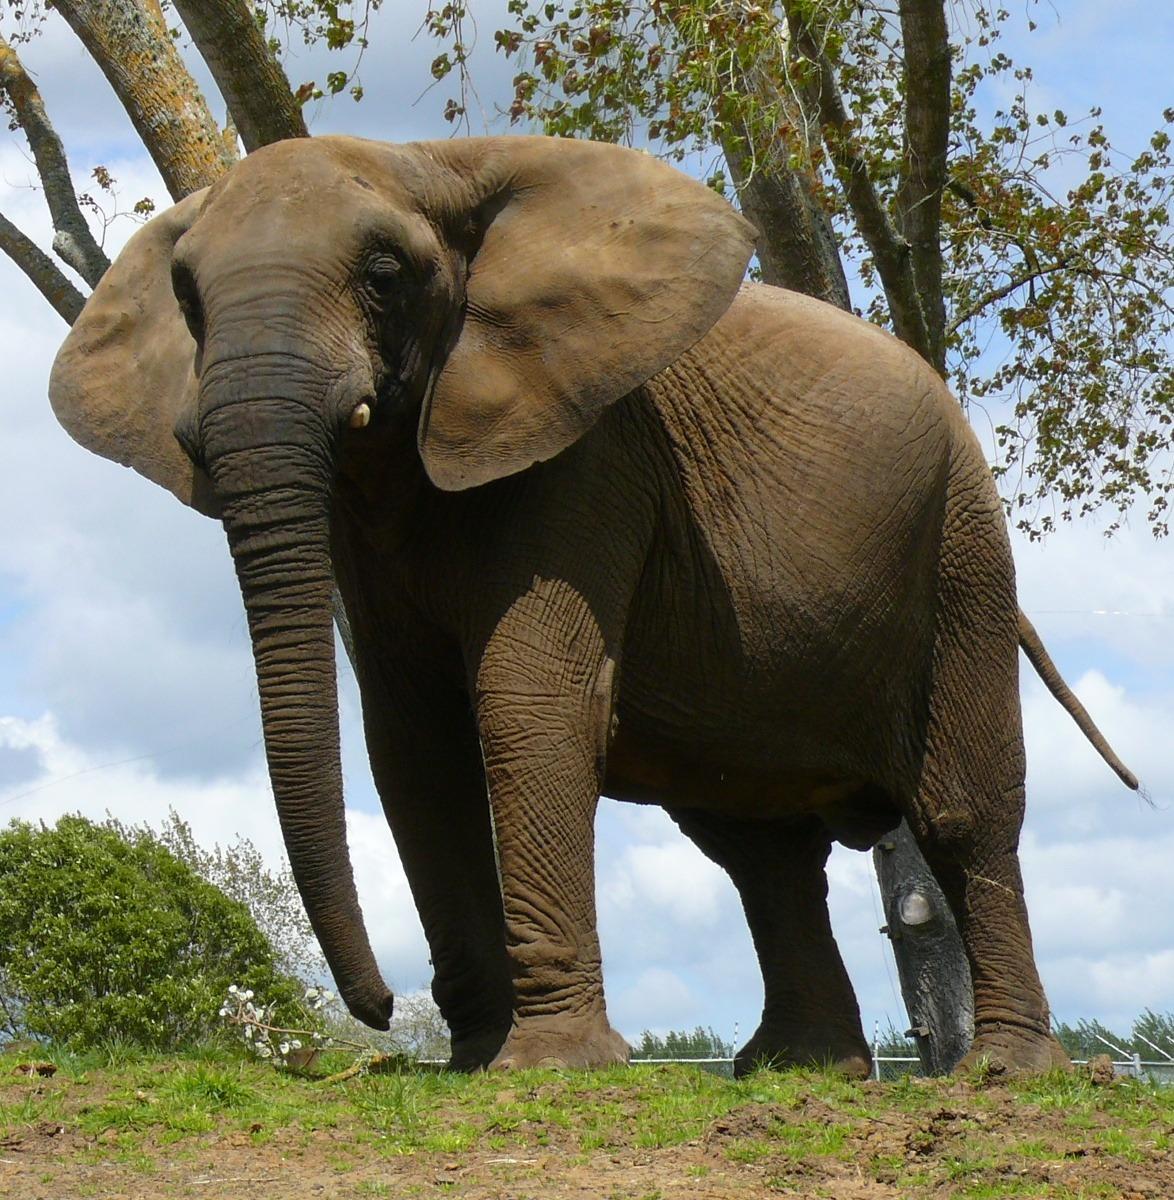 http://www.dyrsrettigheter.no/wp/wp-content/uploads/stolt-elefant-ute.jpg